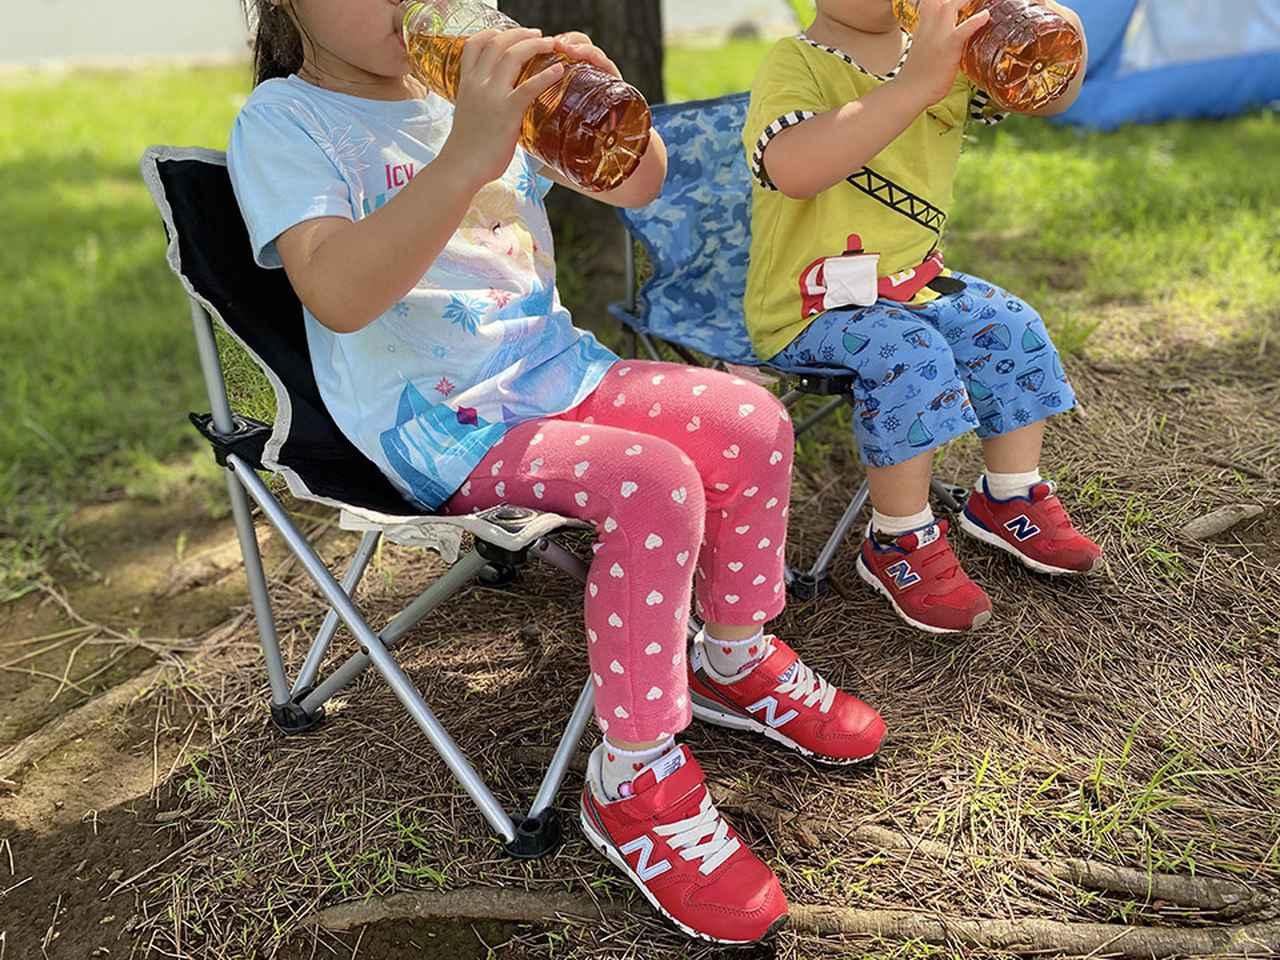 画像: コンパクトなキャンプチェアは3歳(身長102cm)と1歳(身長87cm)が座るとこんな感じです (筆者撮影)